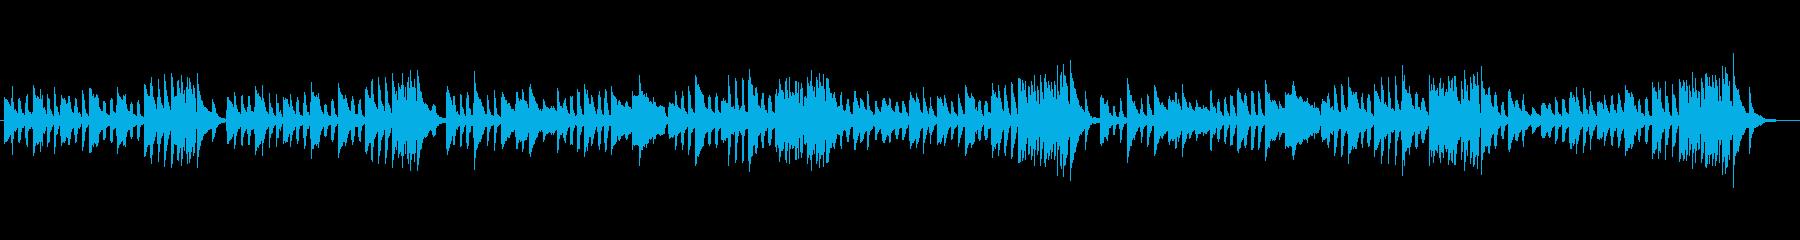 クラシックピアノ、チェルニーNo.27の再生済みの波形